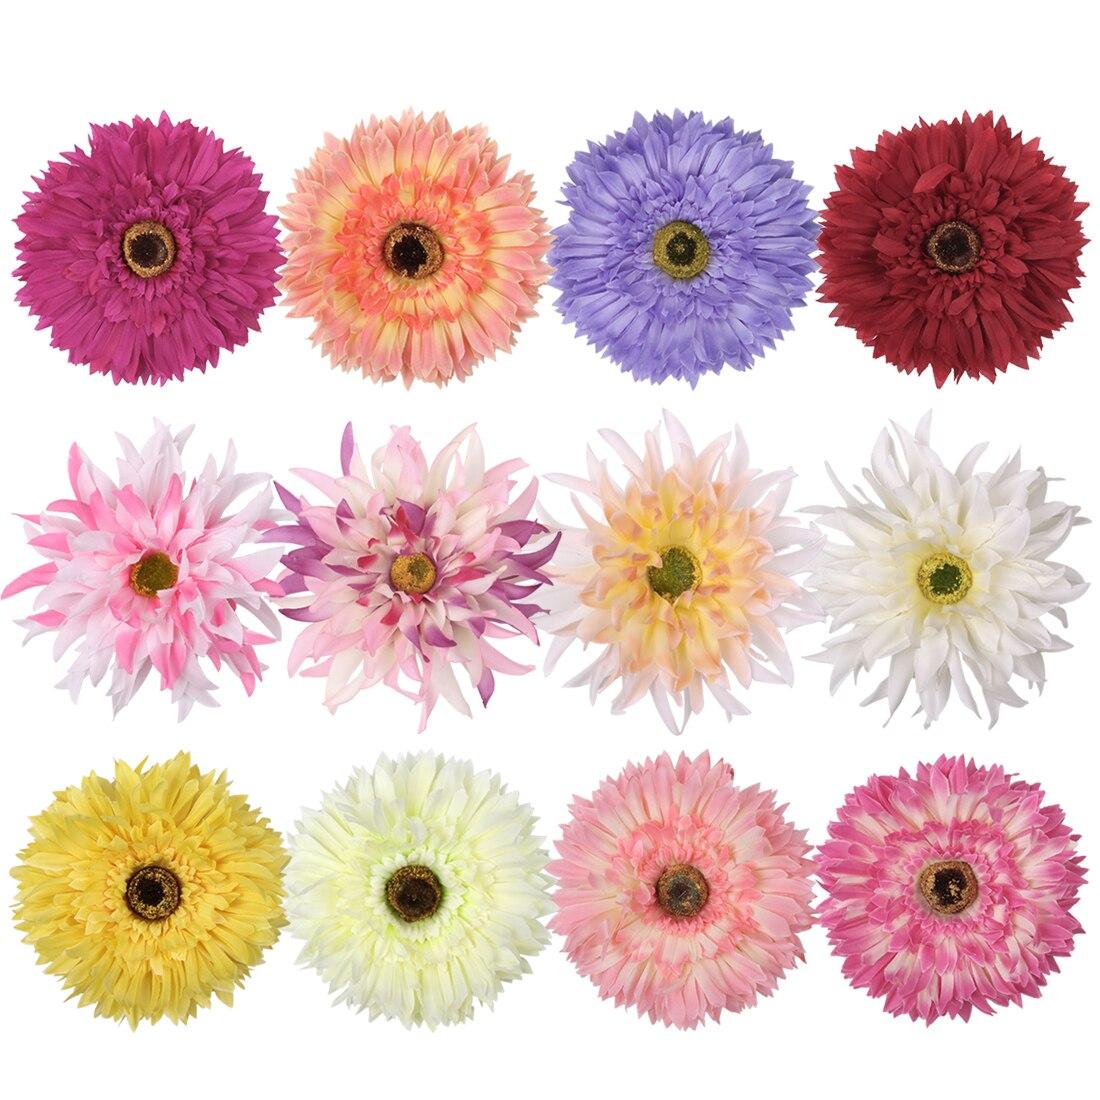 12 piezas 10 cm flor Artificial seda crisantemo cabeza Clips boda fiesta 12 colores joyería broche cabeza arcos flores